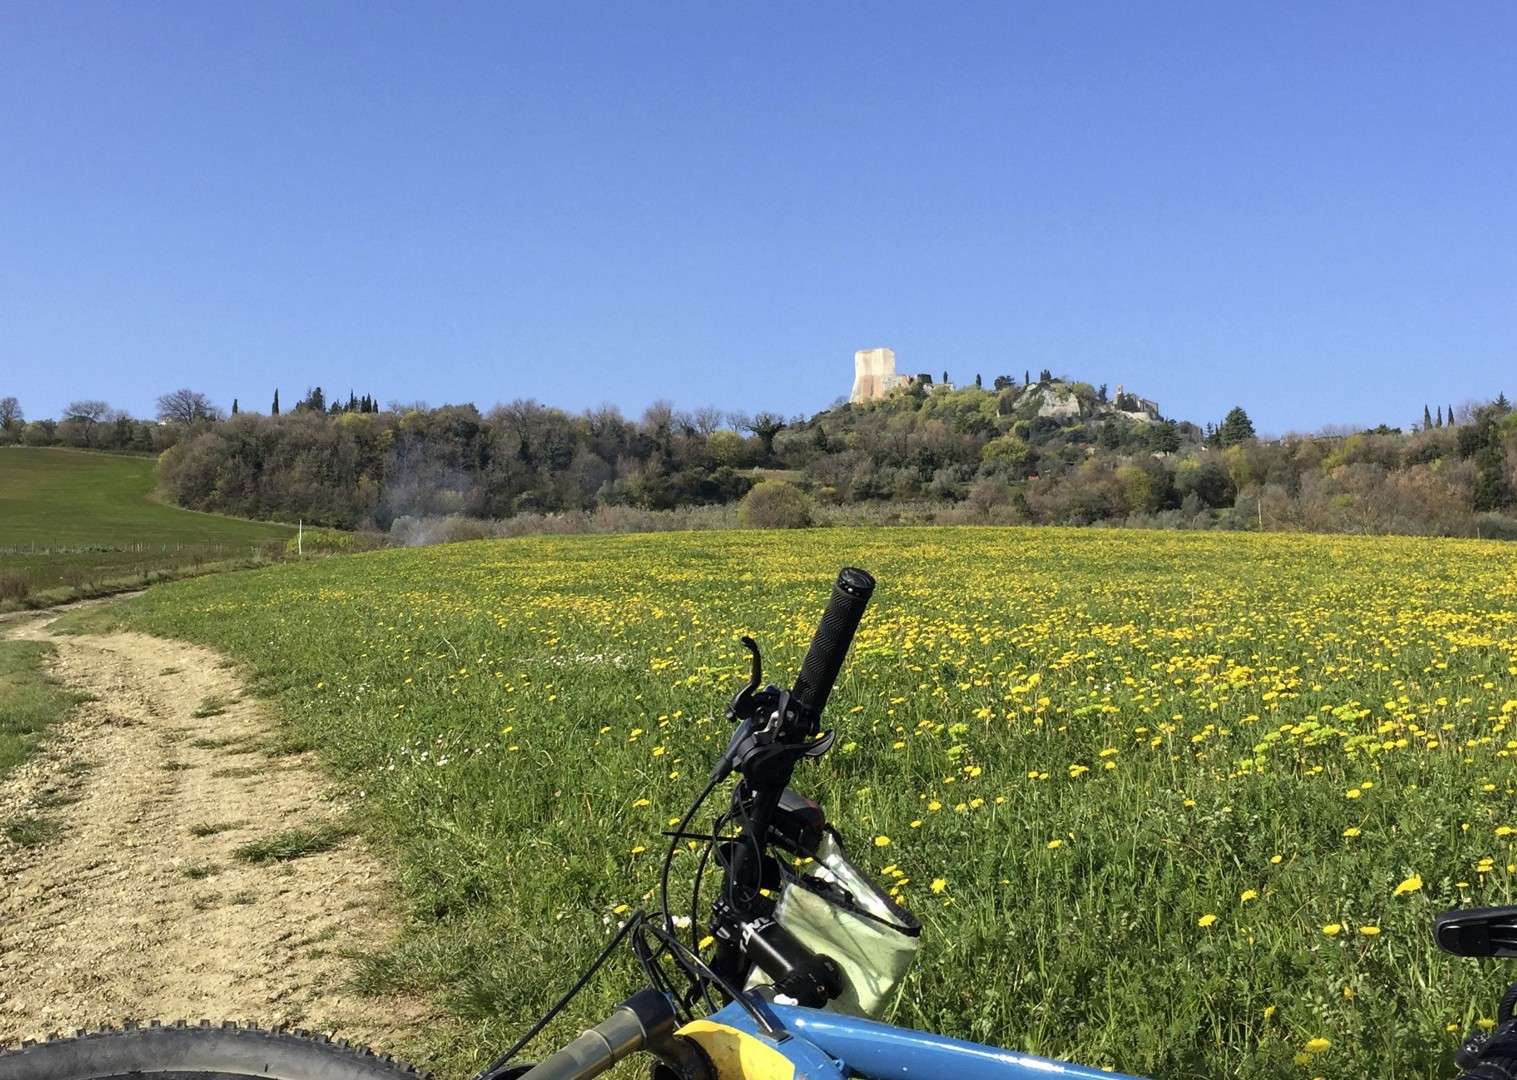 cycling-holiday-italy-viafrancigena-countryside.jpg - Italy - Via Francigena (Tuscany to Rome) - Mountain Biking